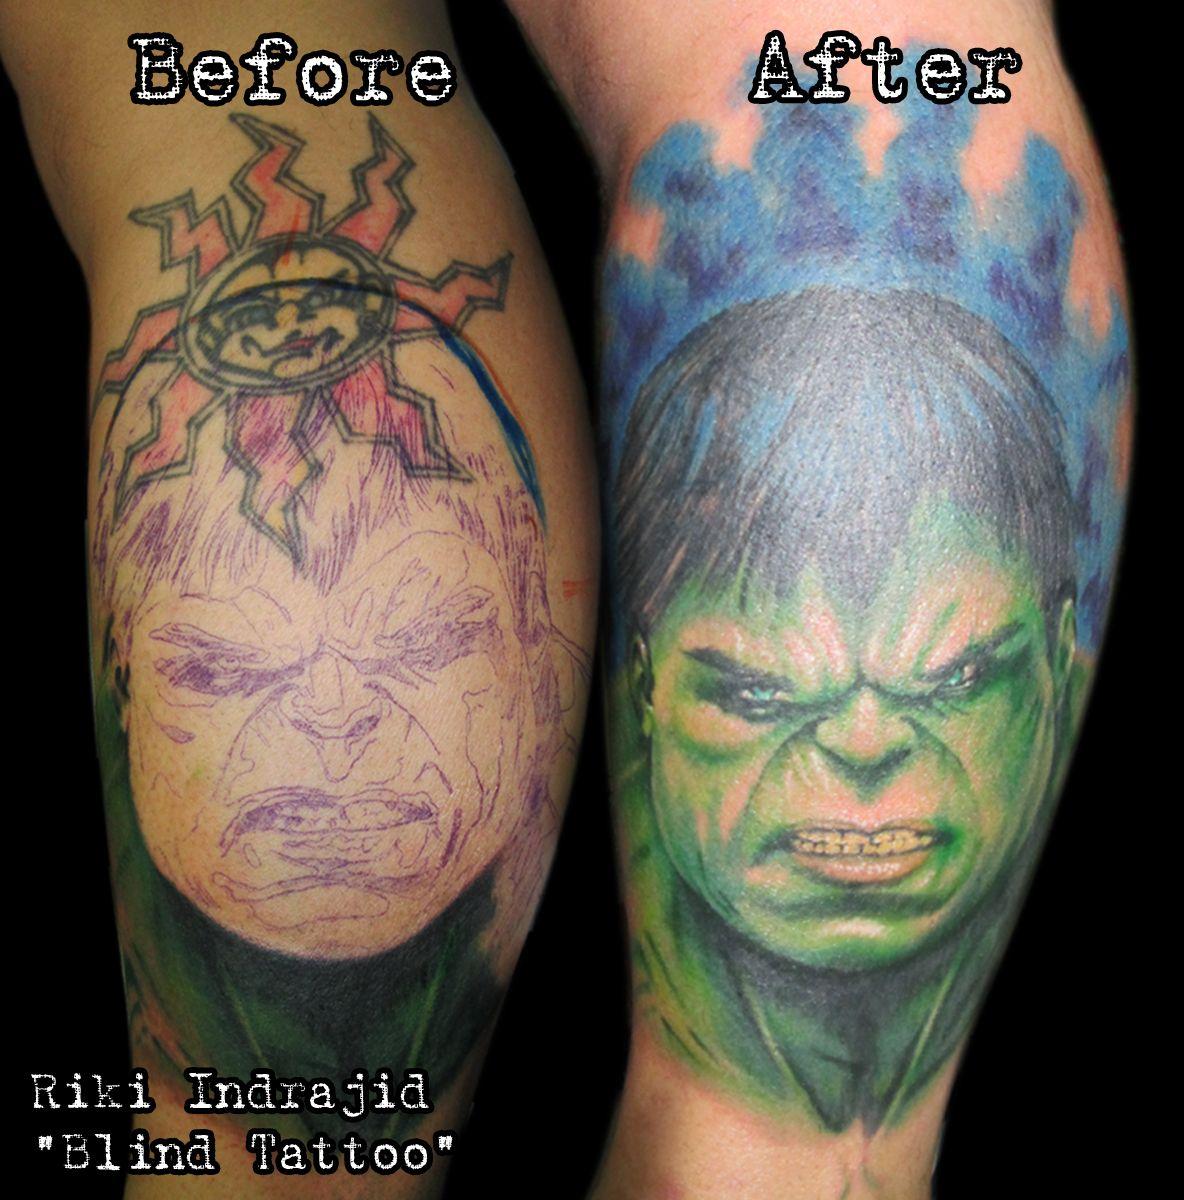 """Hulk tattoo, portrait tattoo, colour tattoo, cover up tattoo   By Riki Indrajid """"Blind Tattoo"""" Surabaya-Indonesia,Tlpn :+6281944886620/+6282227773828,Pin BB:2A991C1B,@riki_blind,riki.chelenk@gmail.com http://facebook.com/riki.indrajid16-http://rikiindrajid.tumblr.com"""